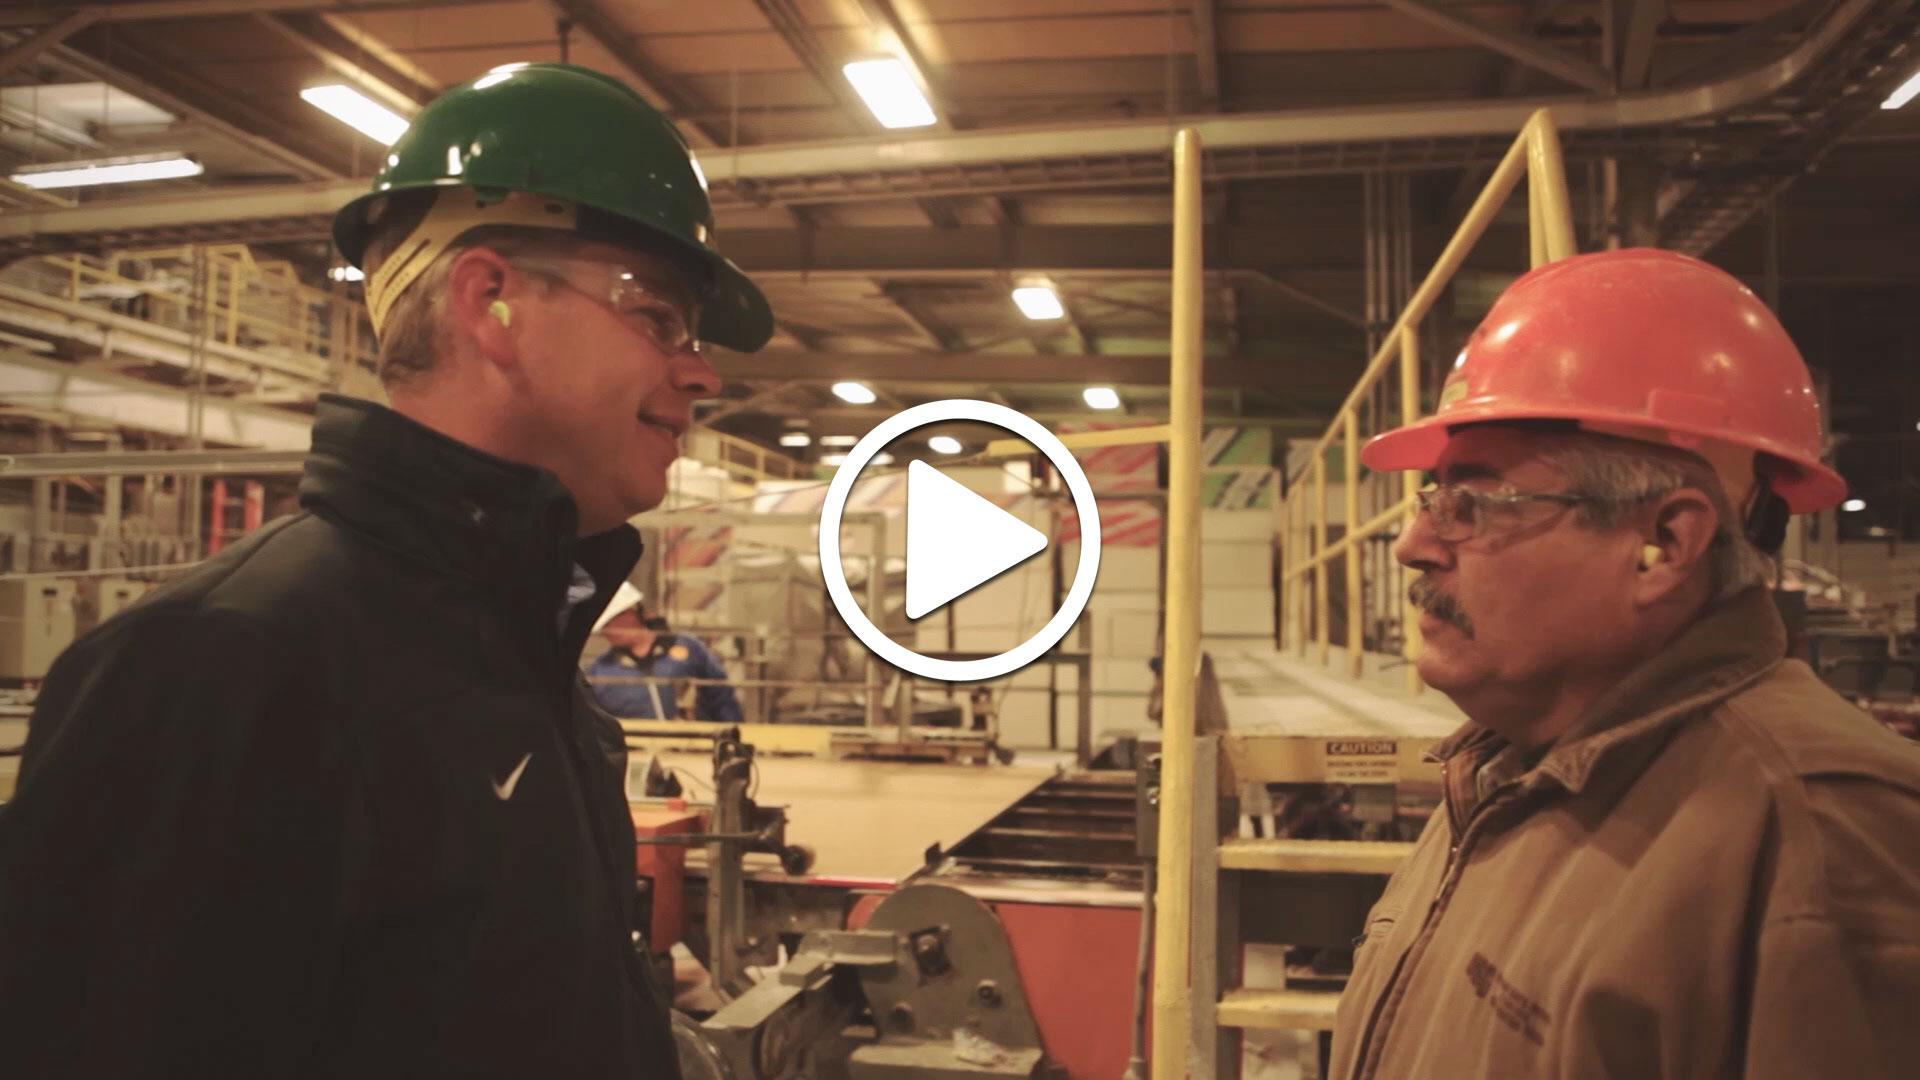 USG Corporation - Manufacturing - Video for USG Corporation hosted by Digi-Me